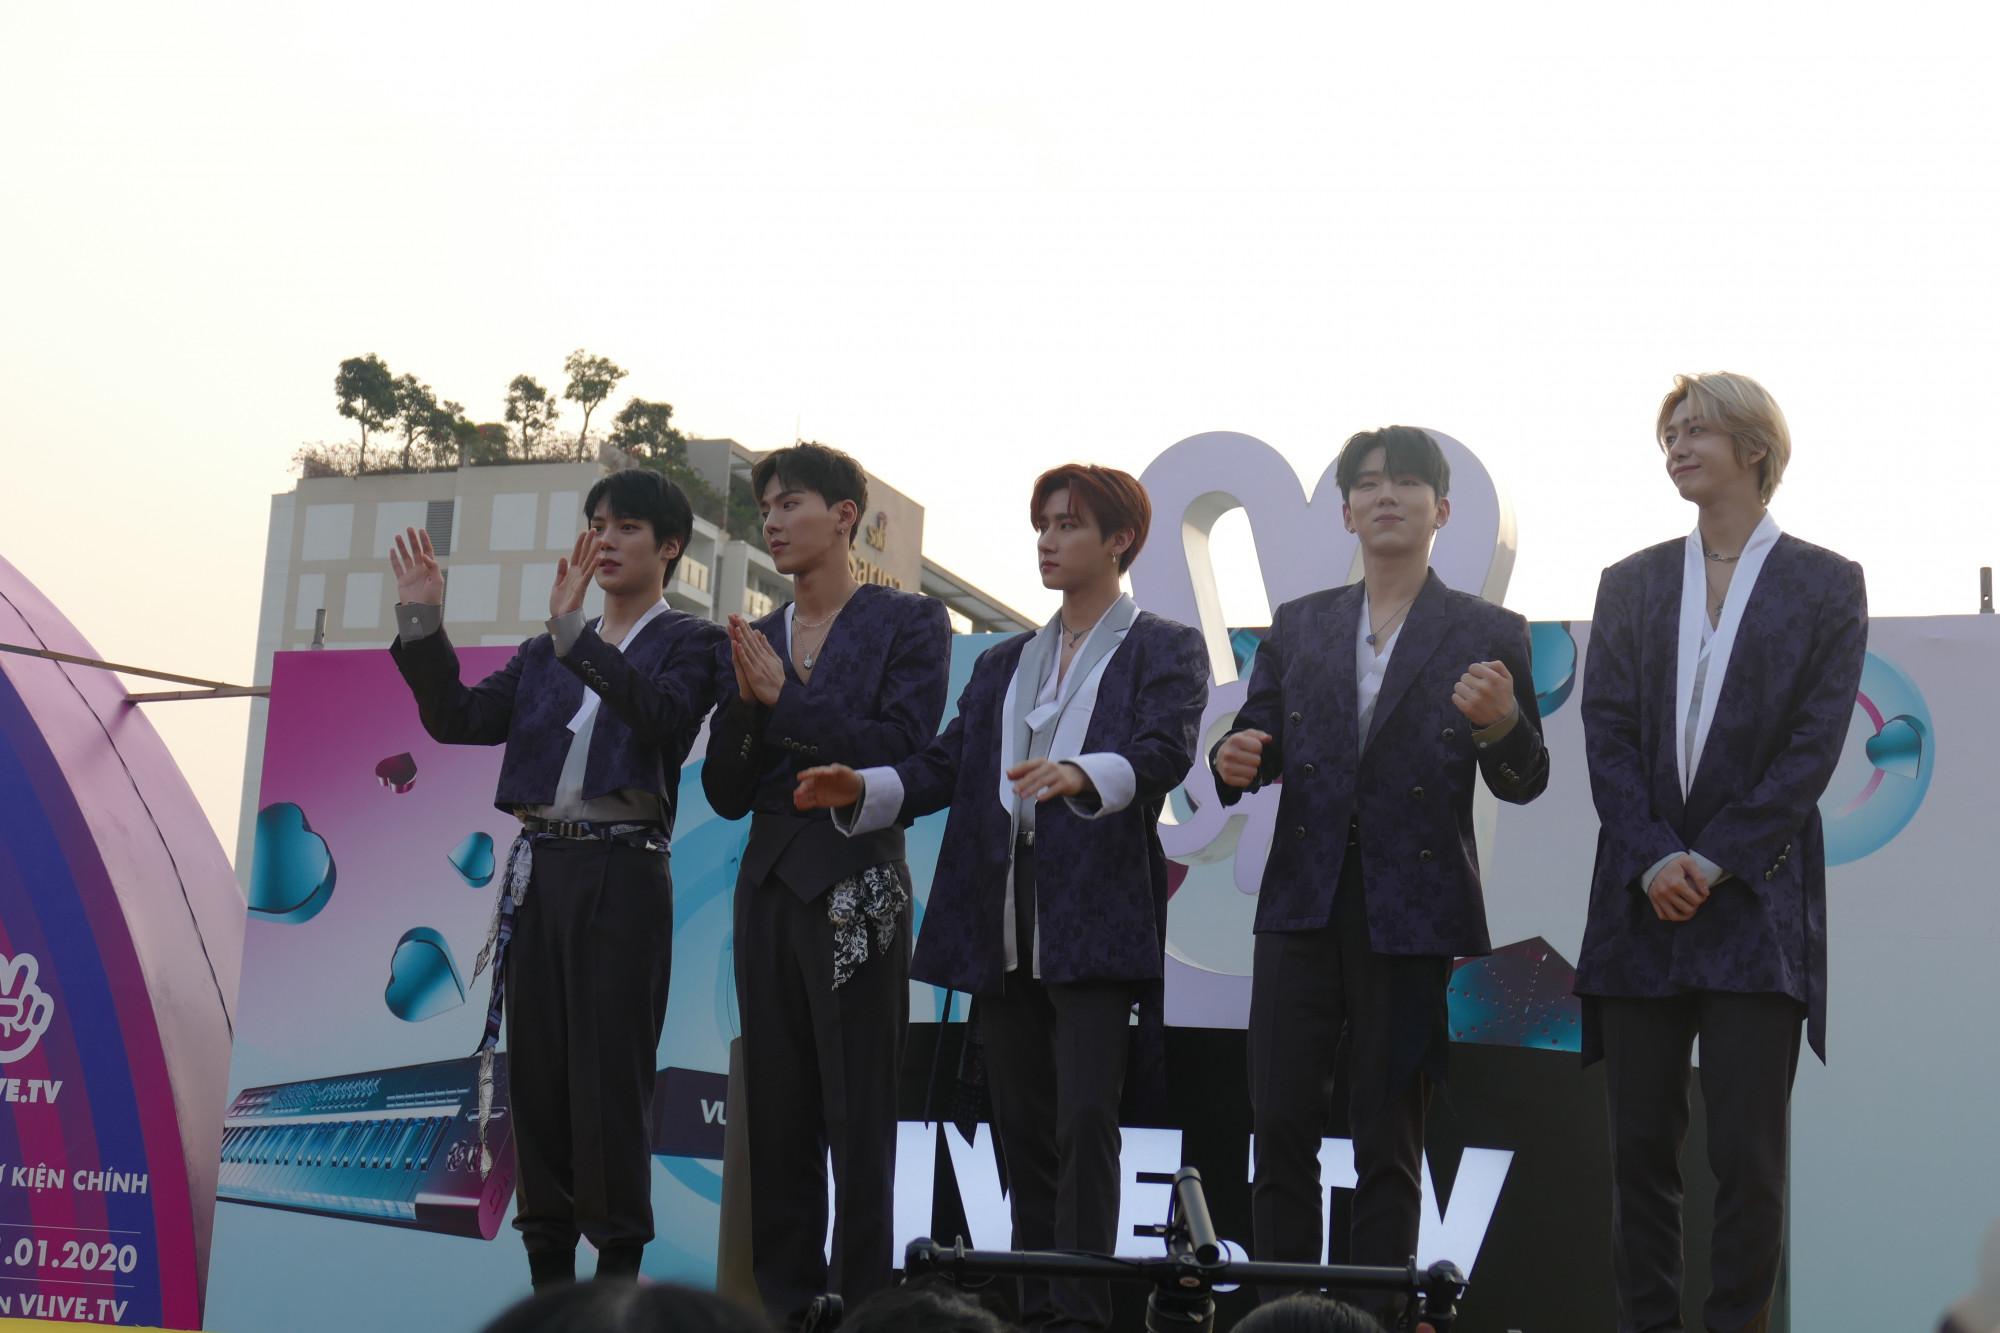 5 chàng trai  Monsta X trẻ trung cuốn hút toàn bộ fan hâm mộ. Do vấn đề về sức khỏe cần thời gian nghỉ ngơi và tập trung phục hồi sức khỏe nên thành viên Joohoney của nhóm không thể gặp gỡ khán giả Việt Nam lần này.